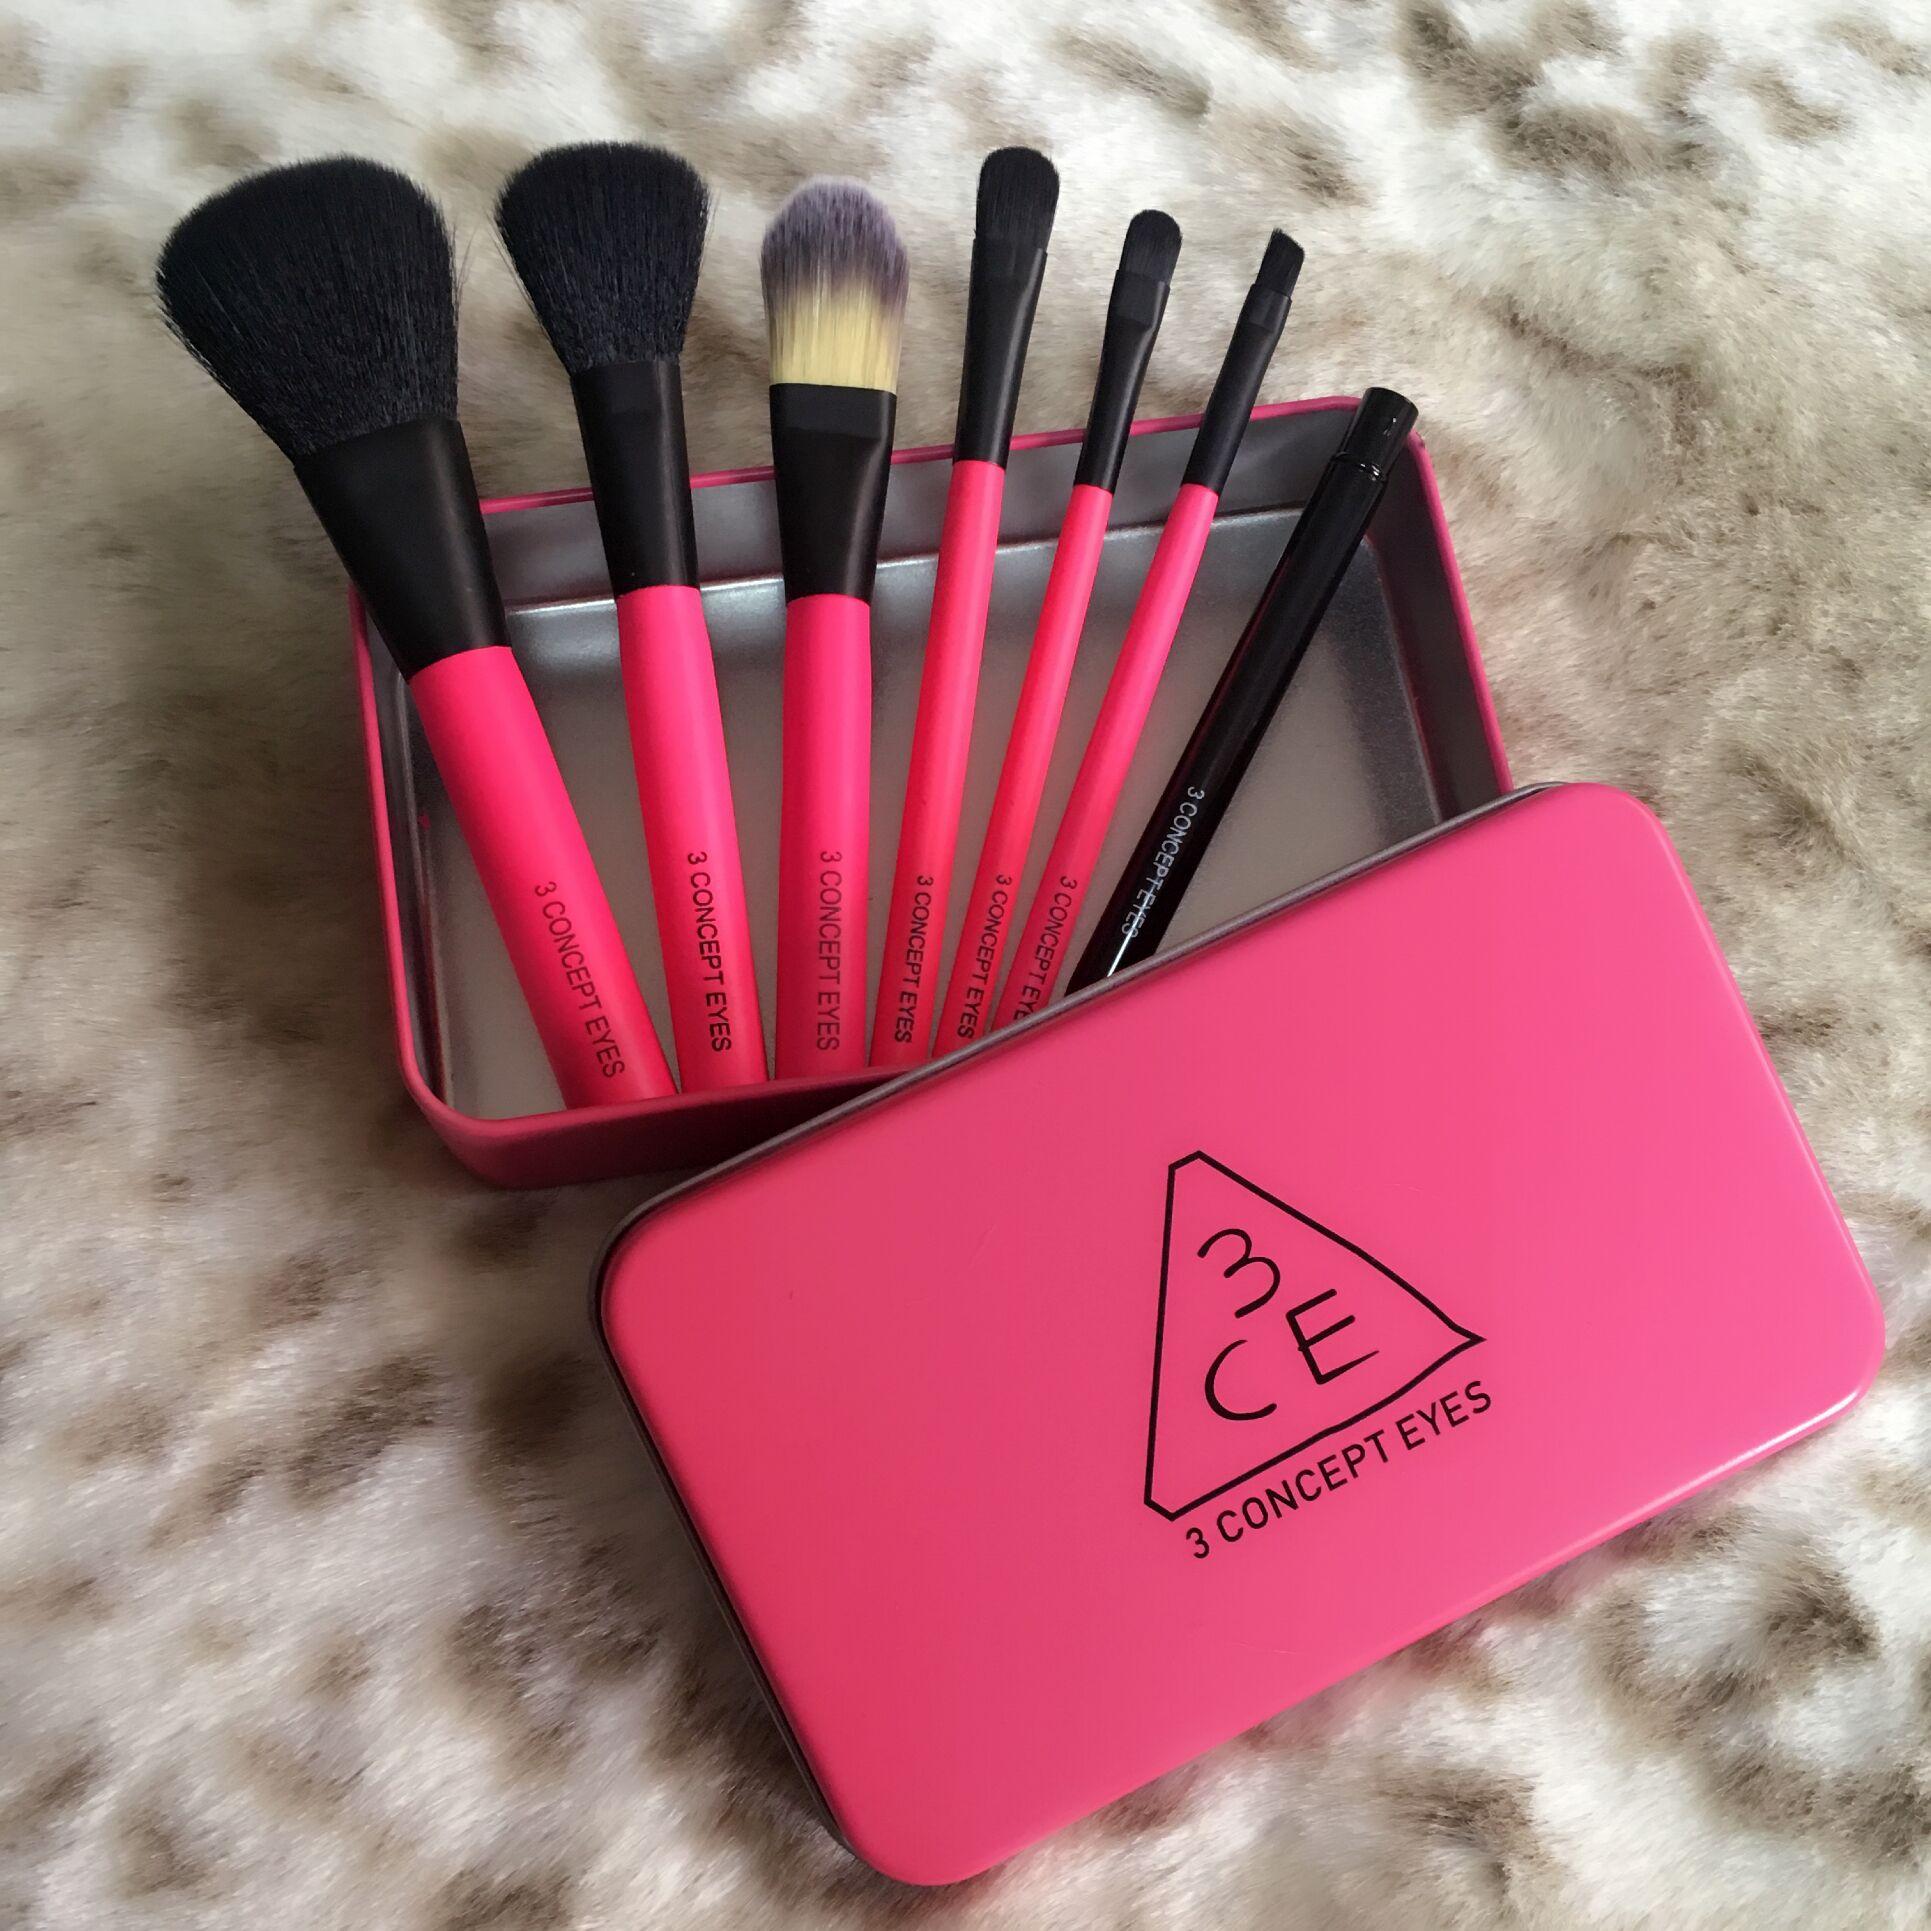 韩国3CE 化妆工具粉刷7支套刷生活妆化妆刷套装初学者全套组合刷